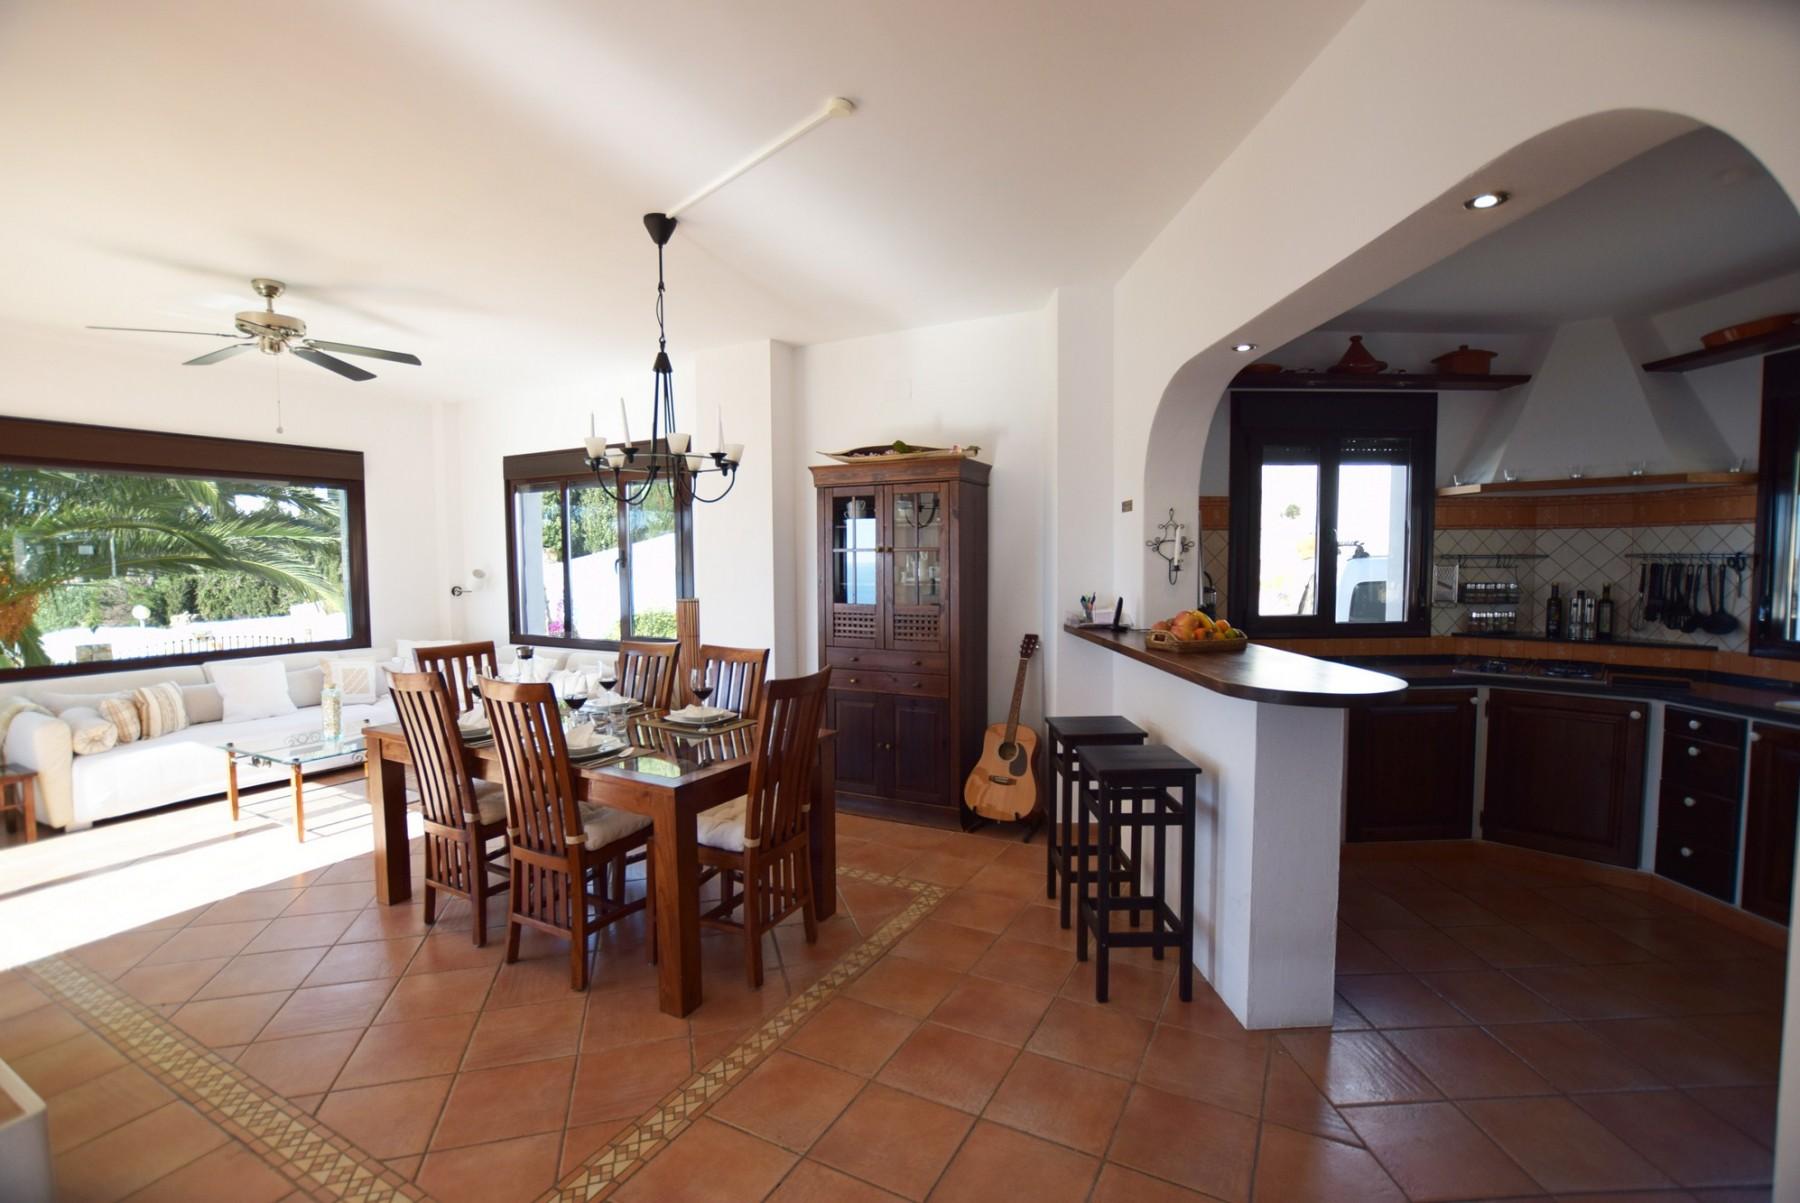 Casa Blanca - Cocina y sala de estar